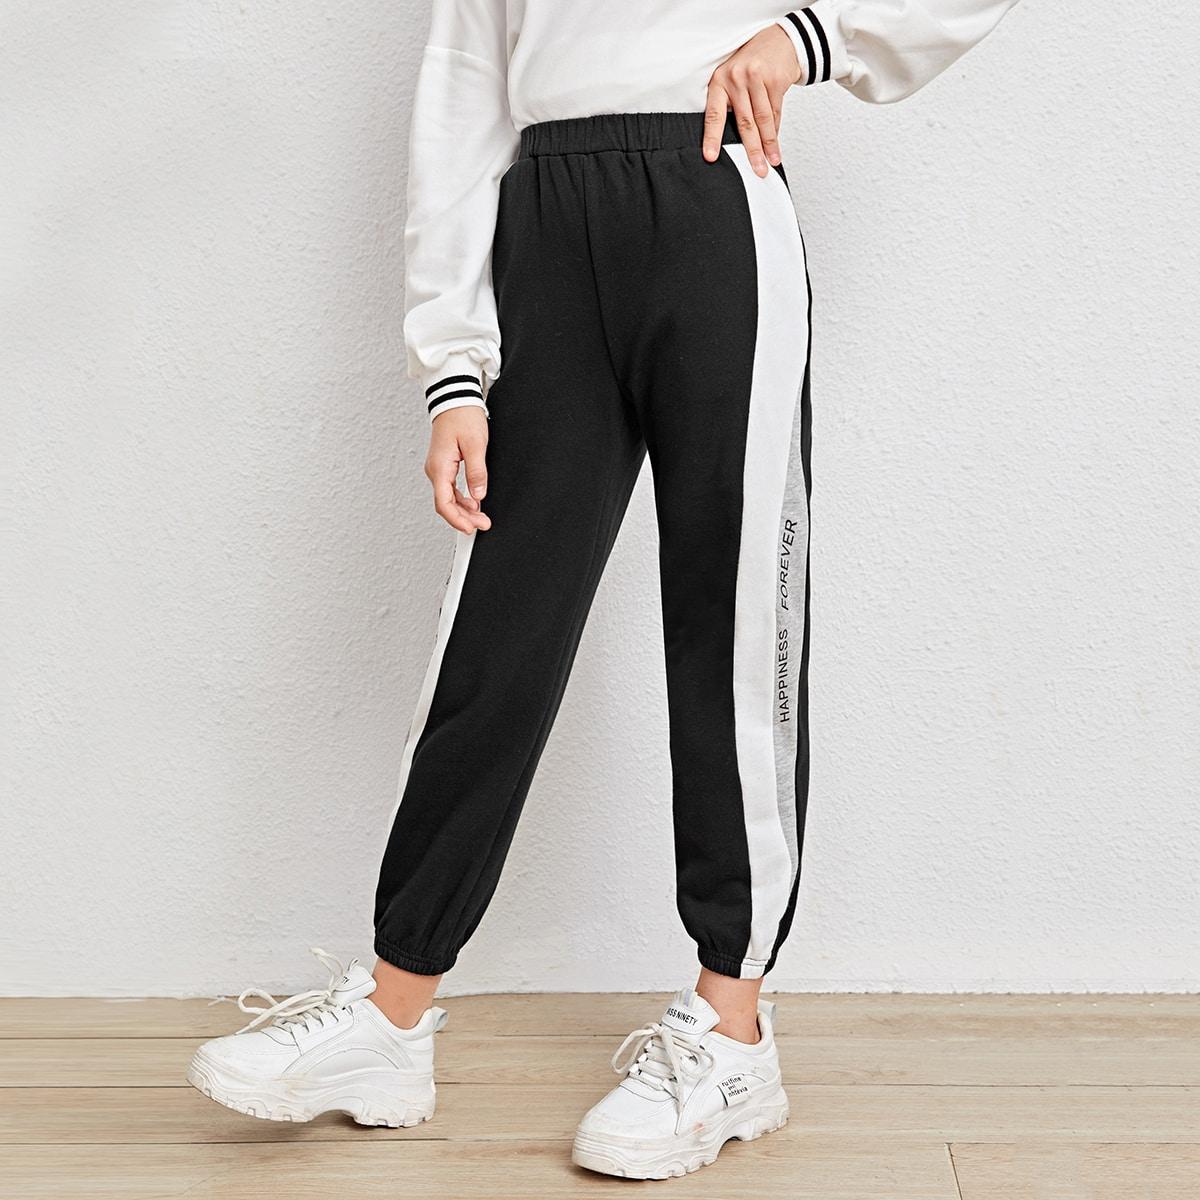 Карман полосатый спортивный брюки для девочек